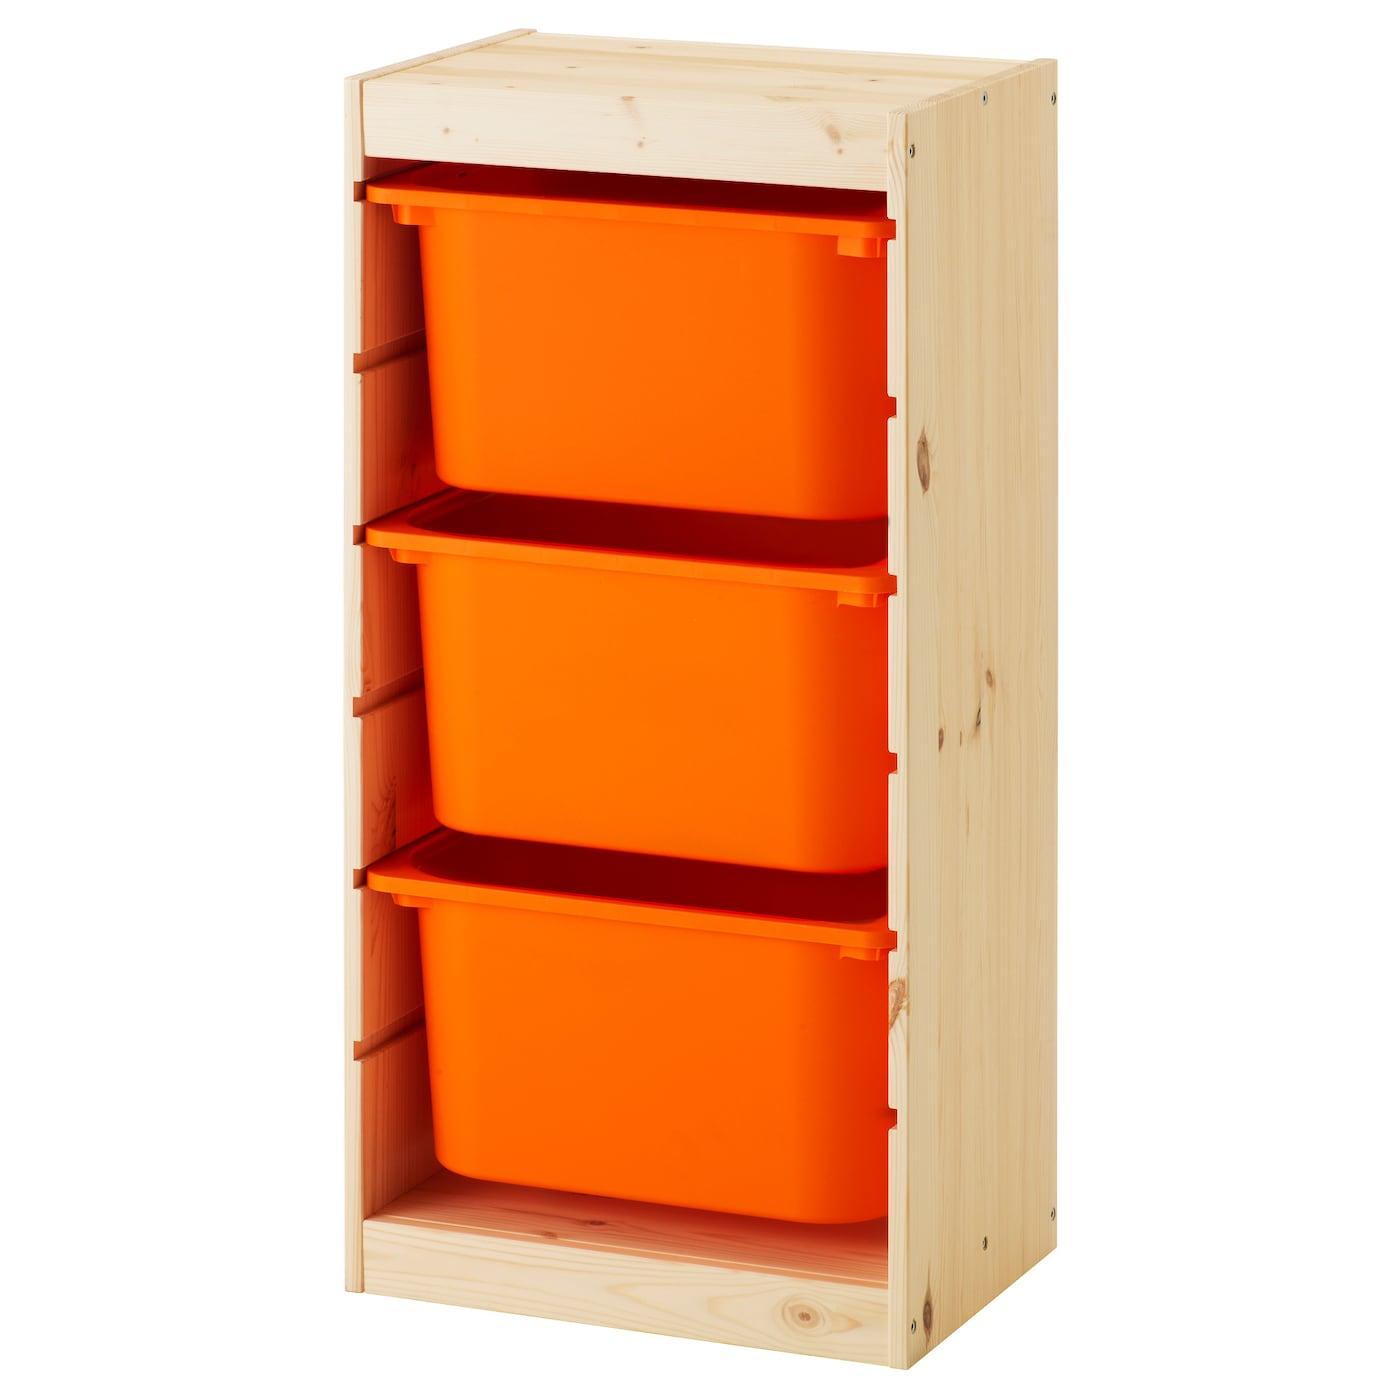 Trofast toy storage ikea